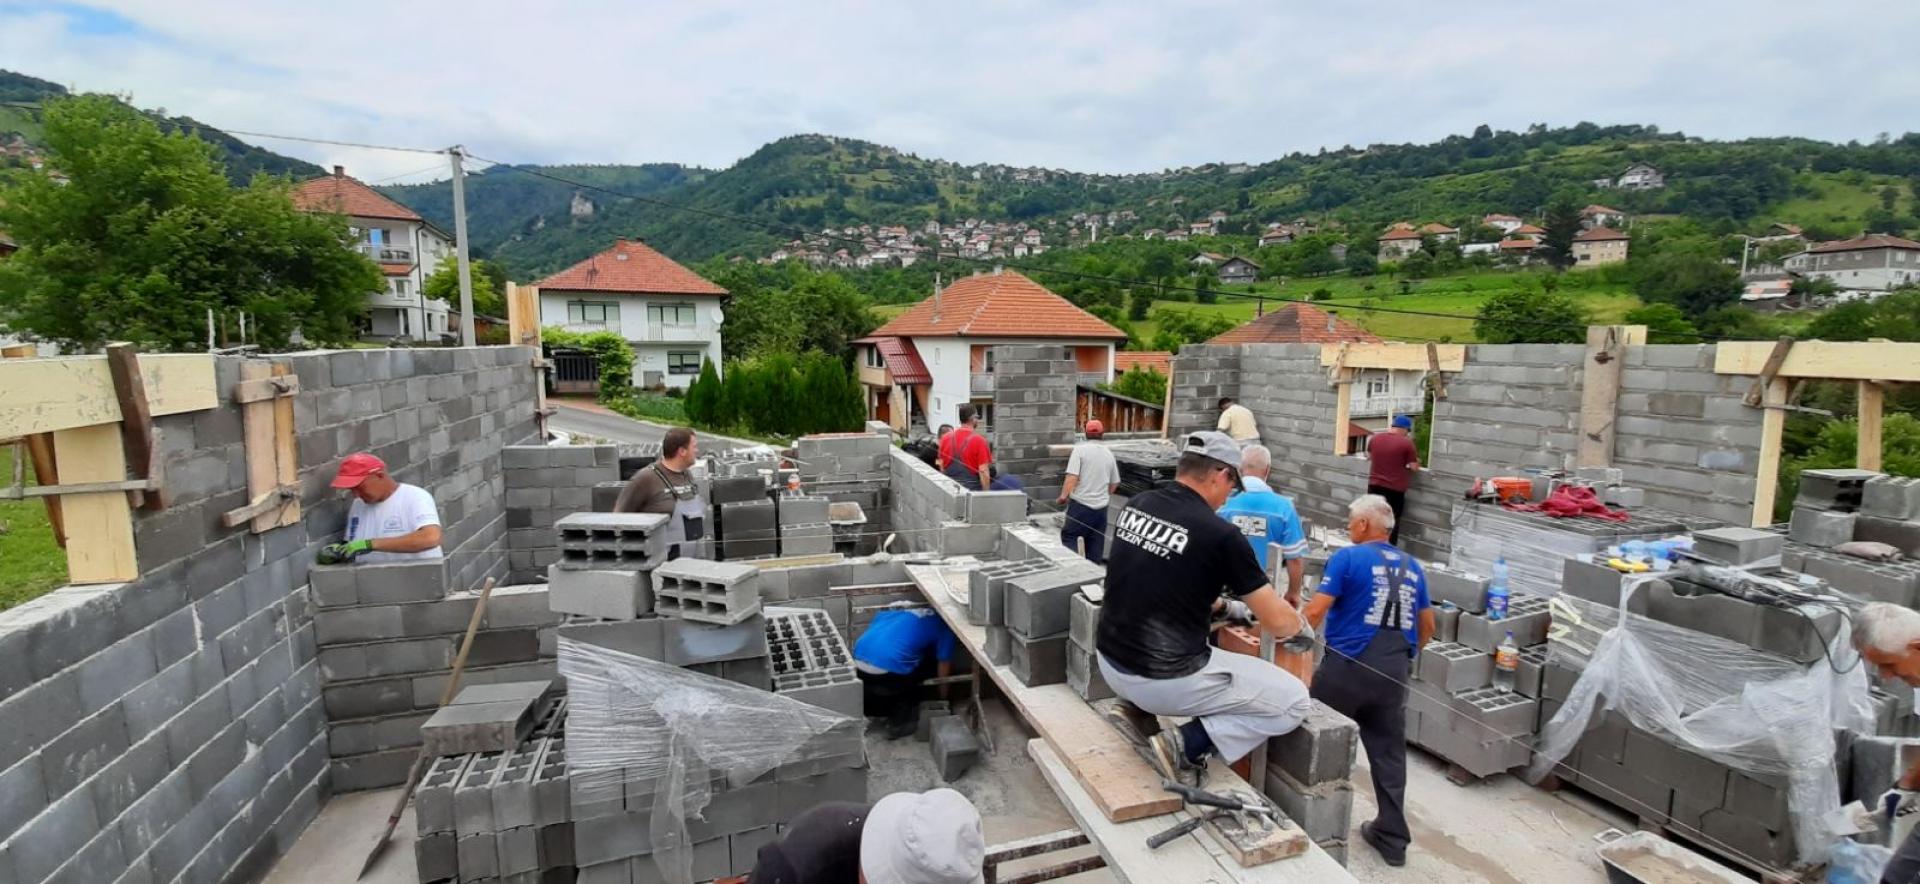 Kod efendije na akciji izgradnje porodične kuće